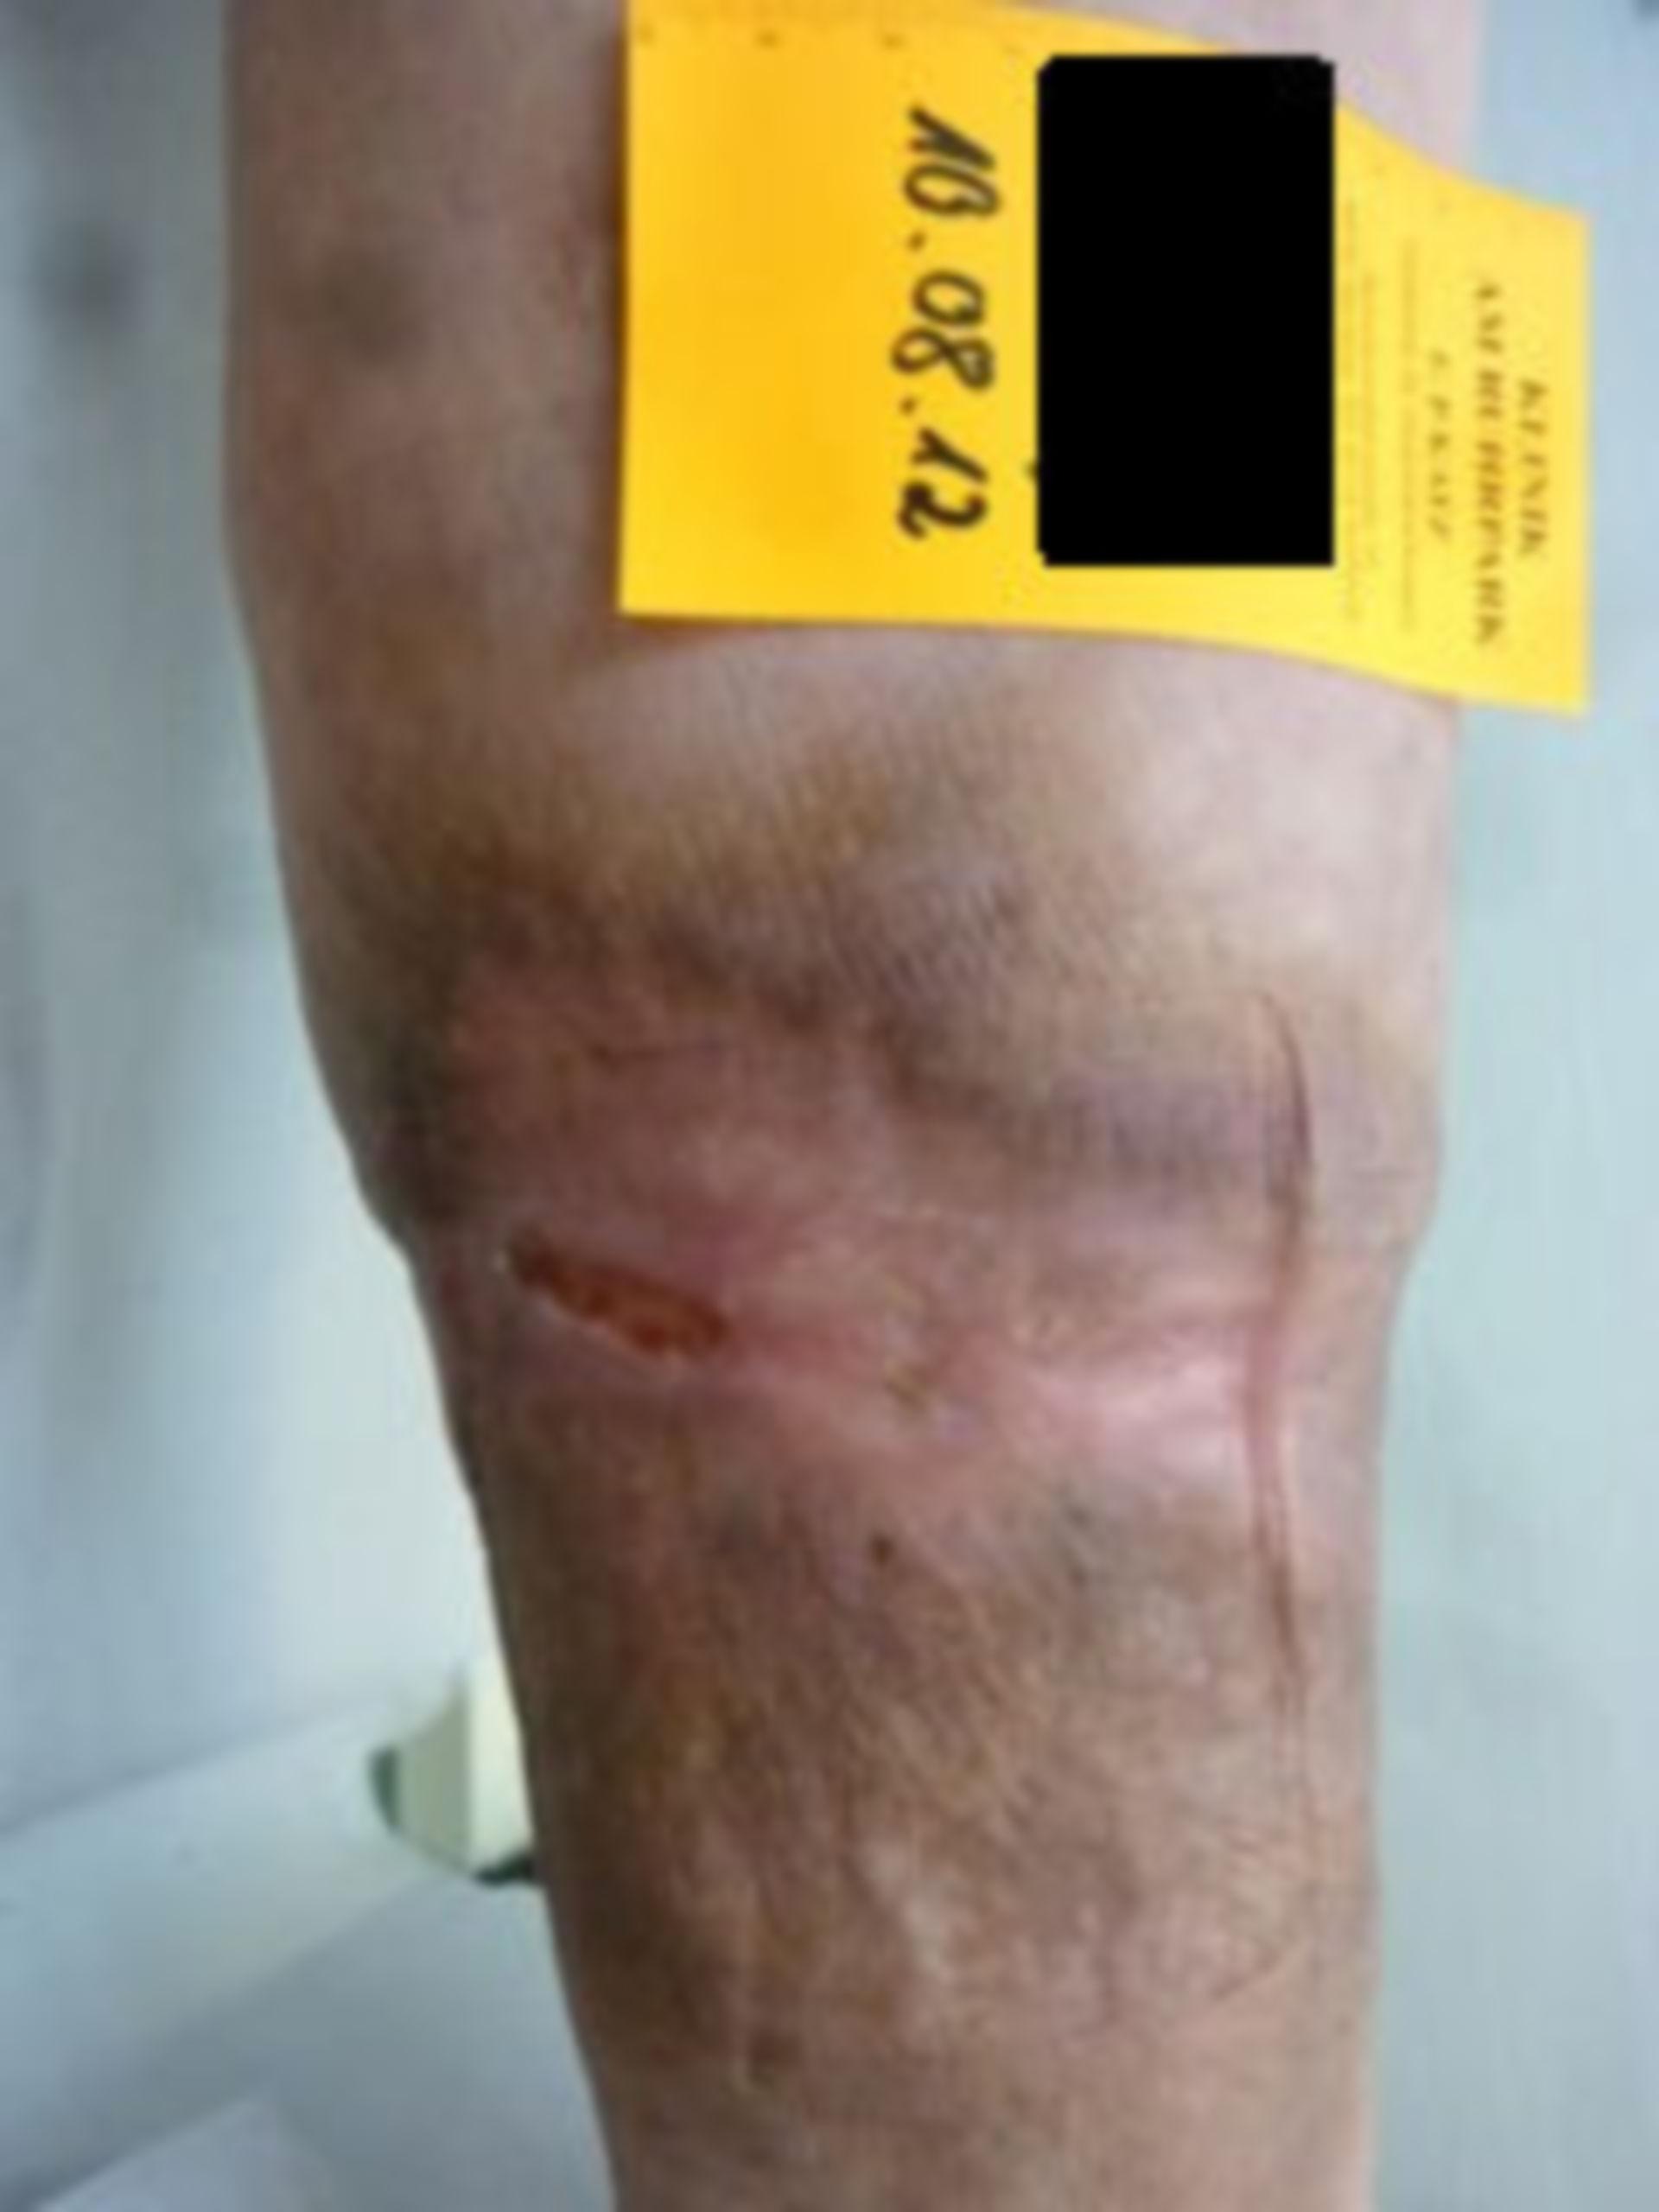 Úlcera de la pierna, abierta por 7 años (33) - resultado en agosto de 2012